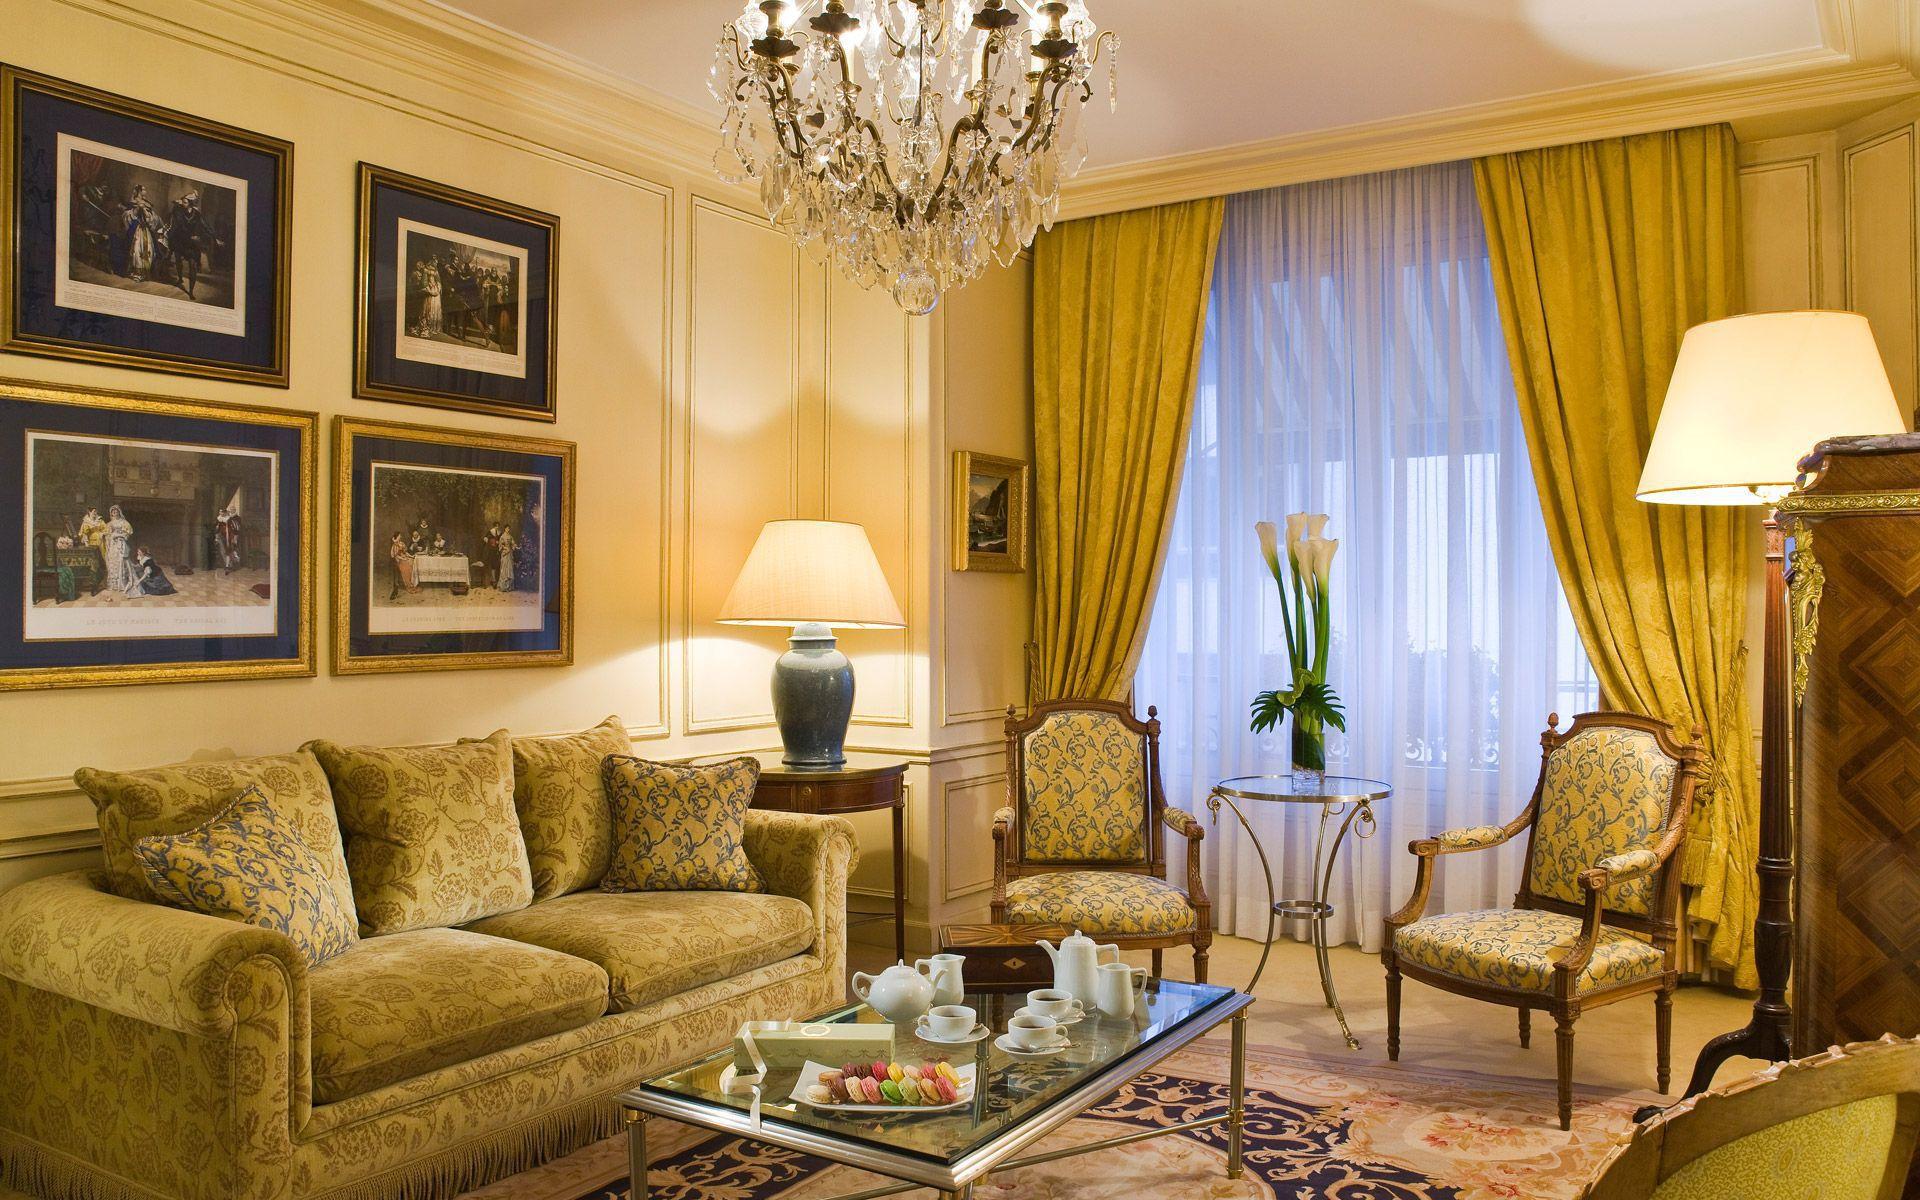 Дизайн гостиной 20 кв. м — фото интерьеров гостиной комнаты 20 метров